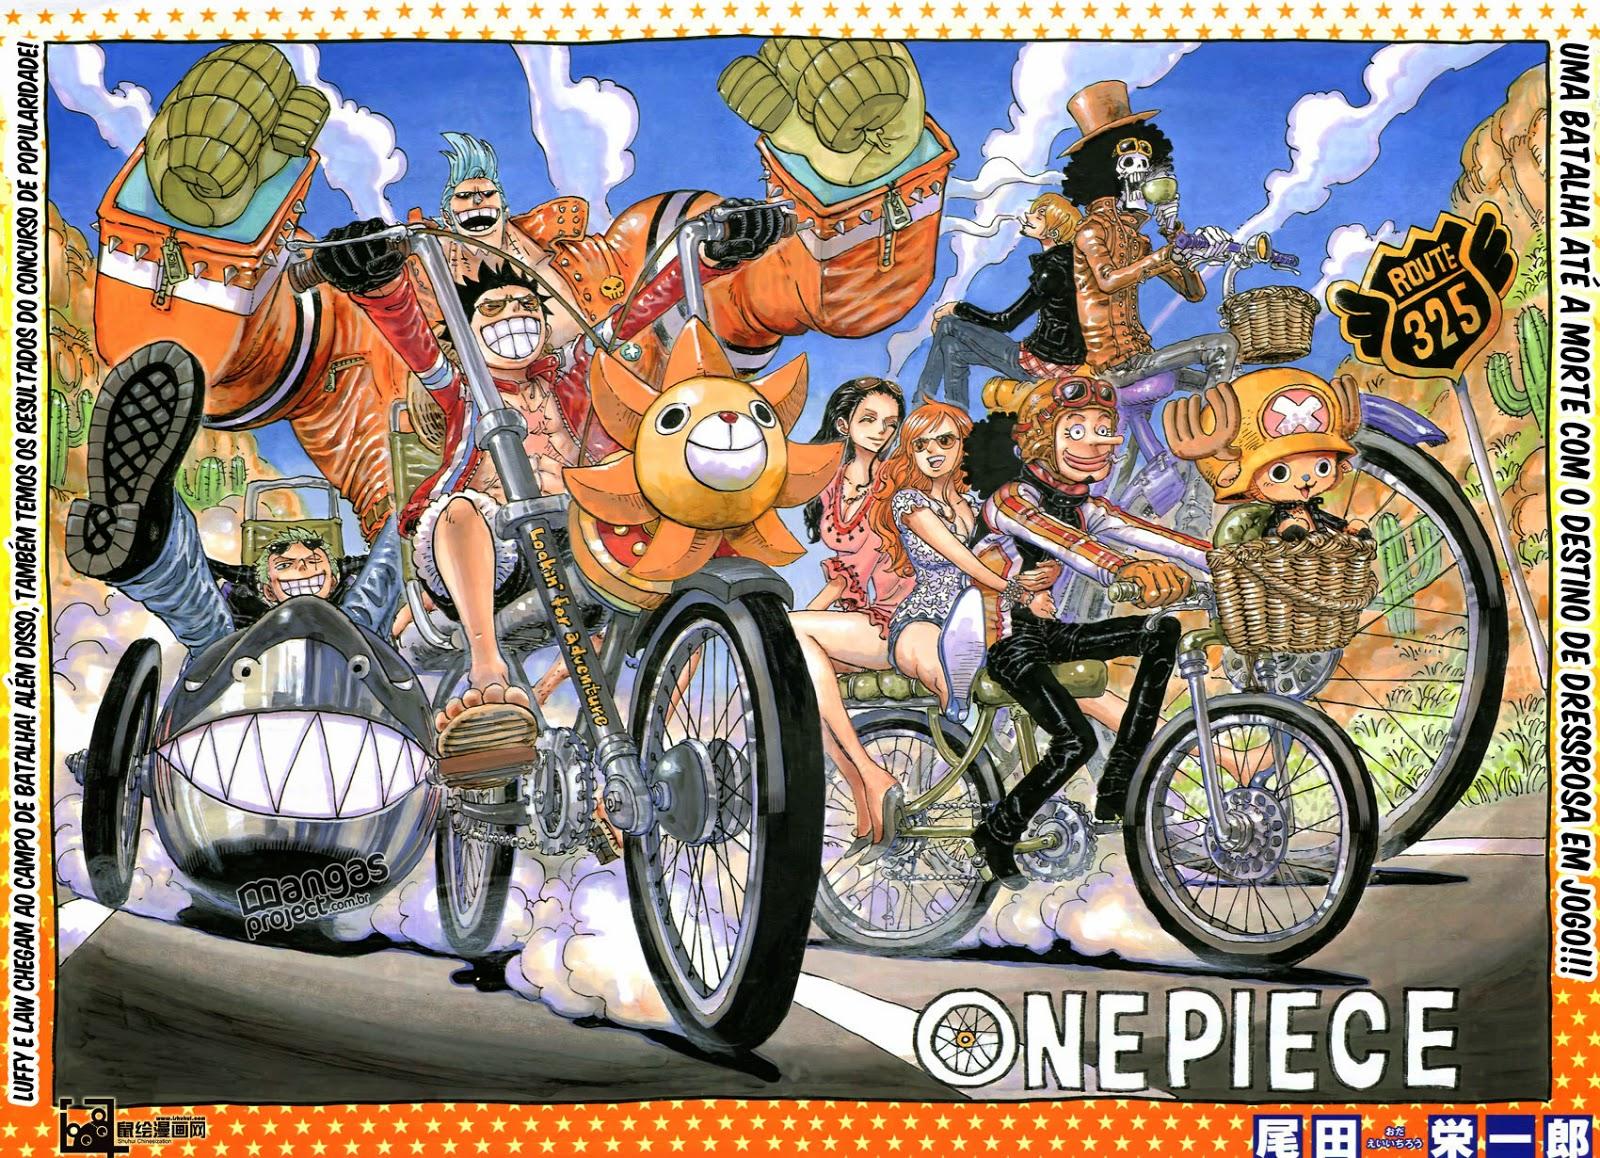 One Piece #775 - Colocando todo o meu amor em Lucian